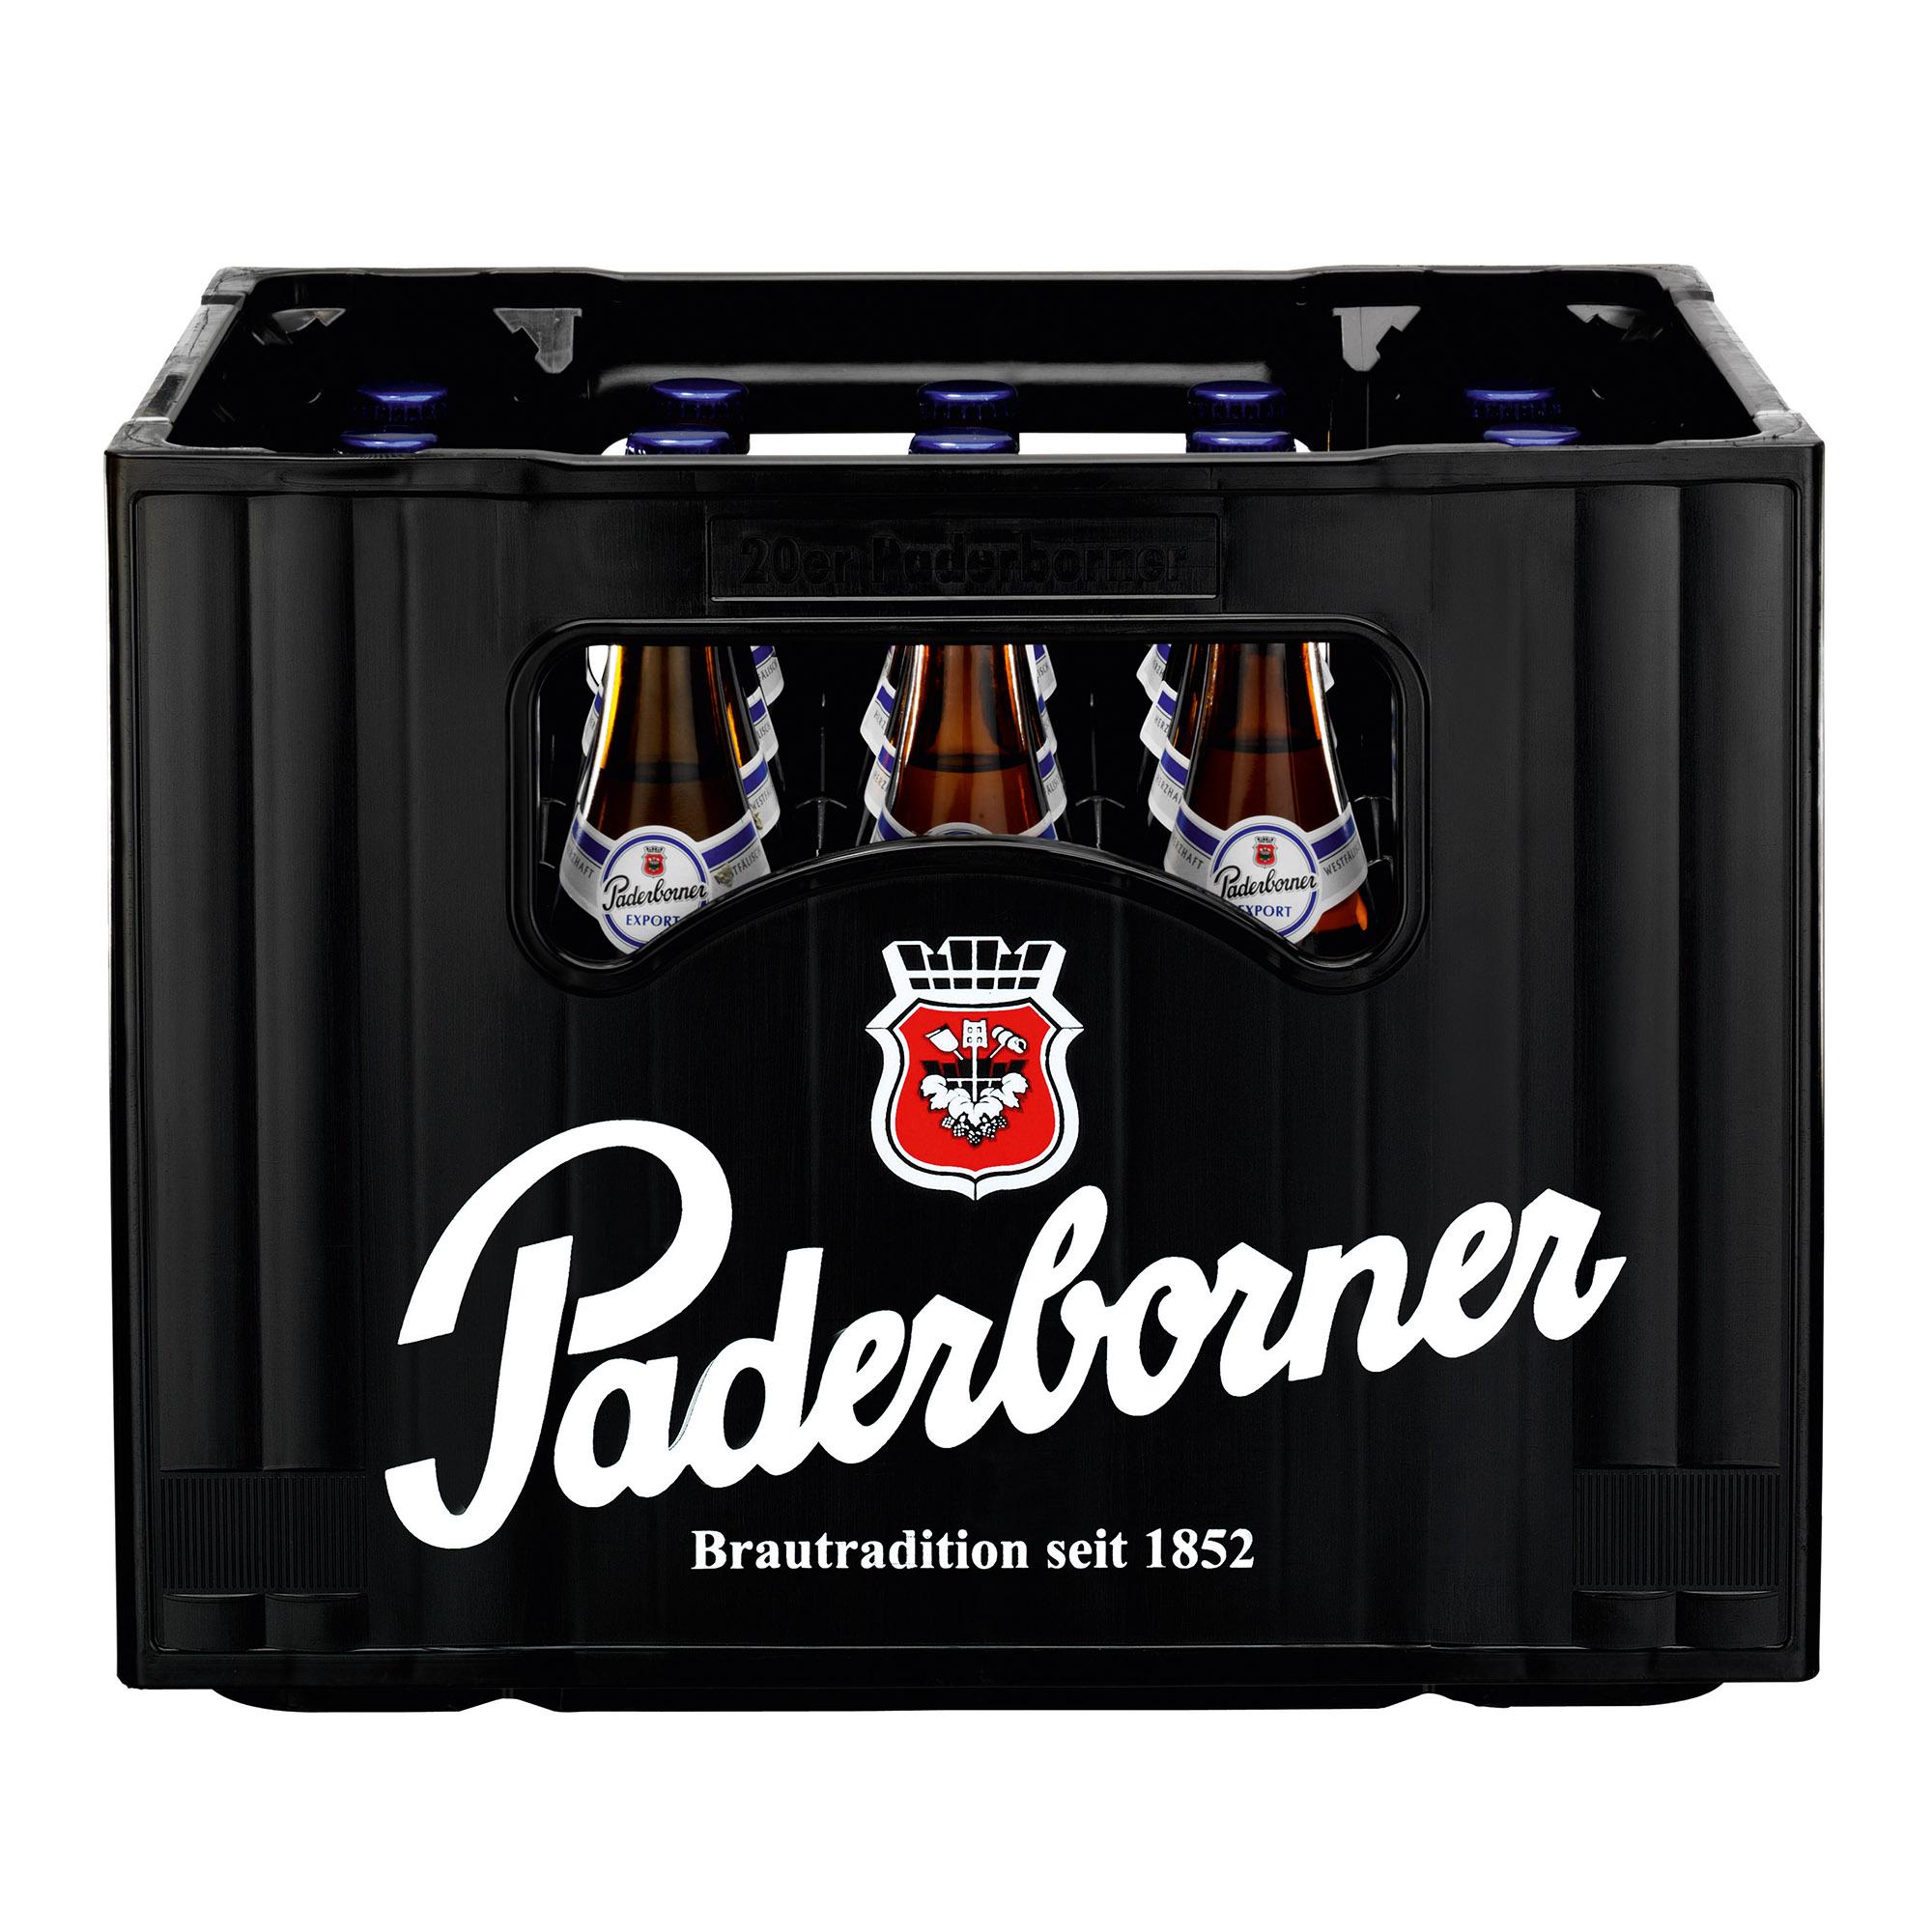 Produktabbildung Paderborner Export Kasten 20 x 0,5 l frontal